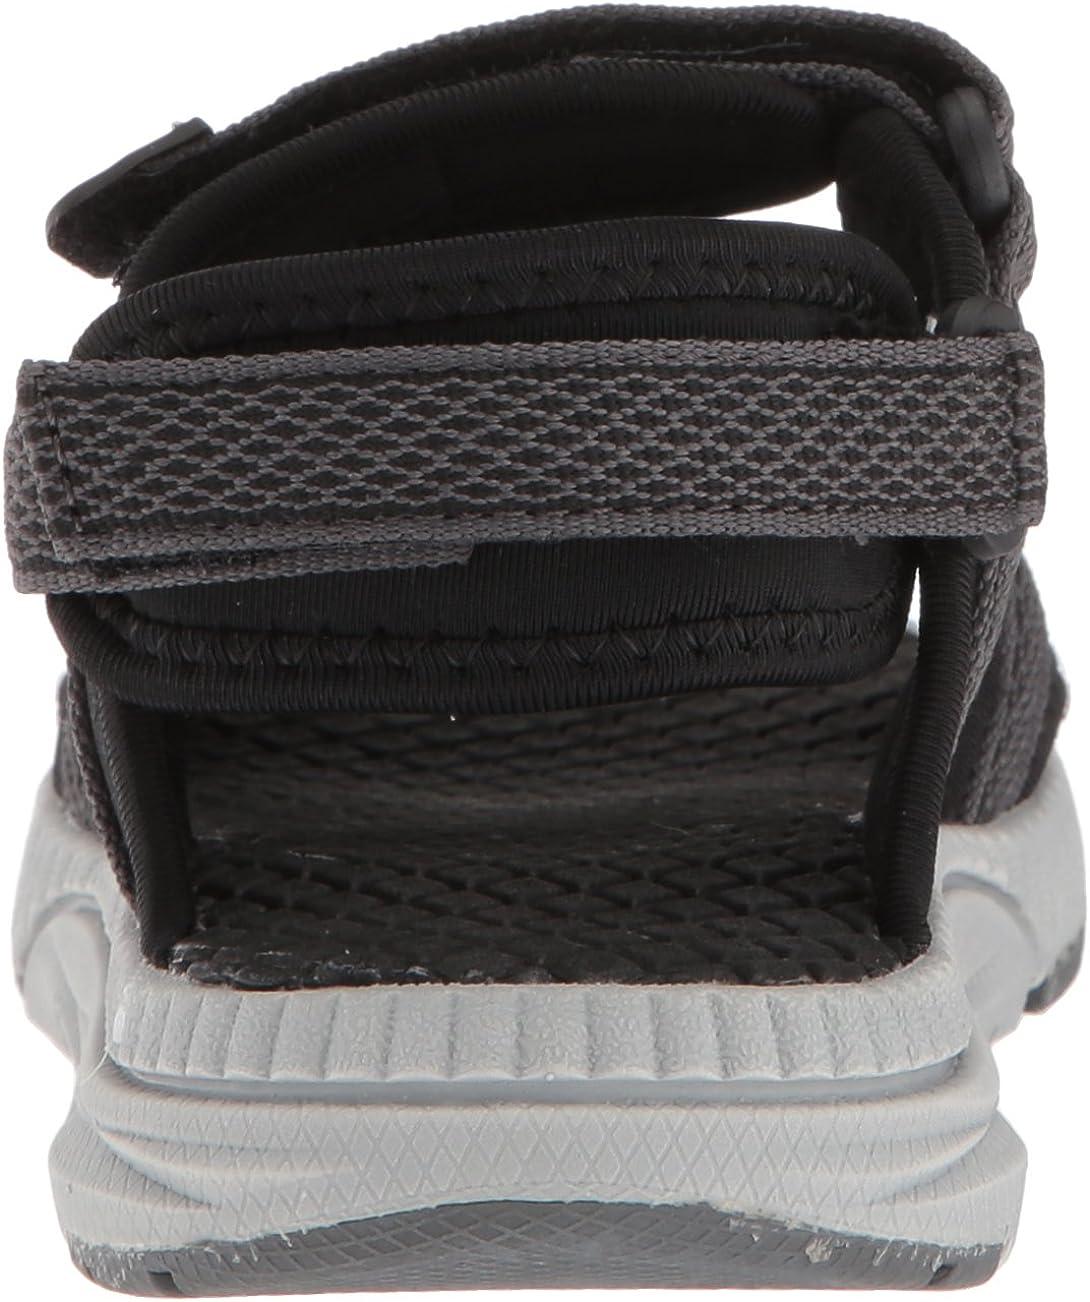 Kamik Kids Match Sandal